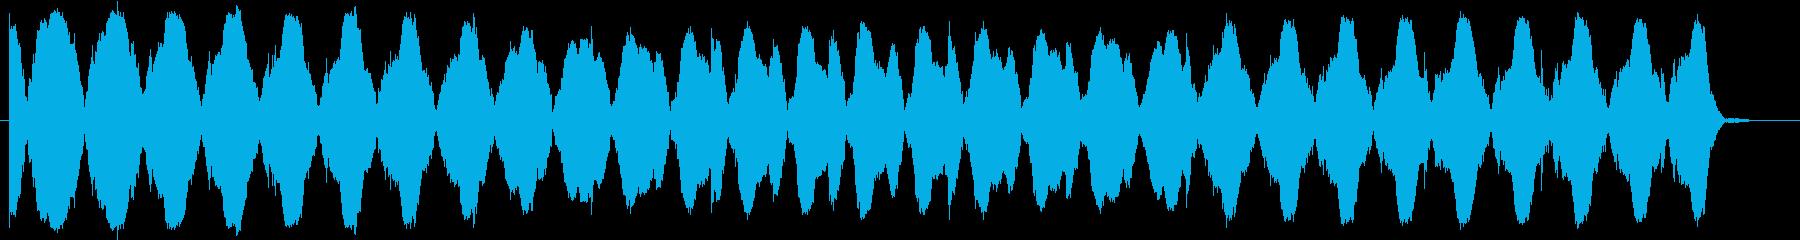 暗い安になる音楽(ミステリー、ホラー)の再生済みの波形